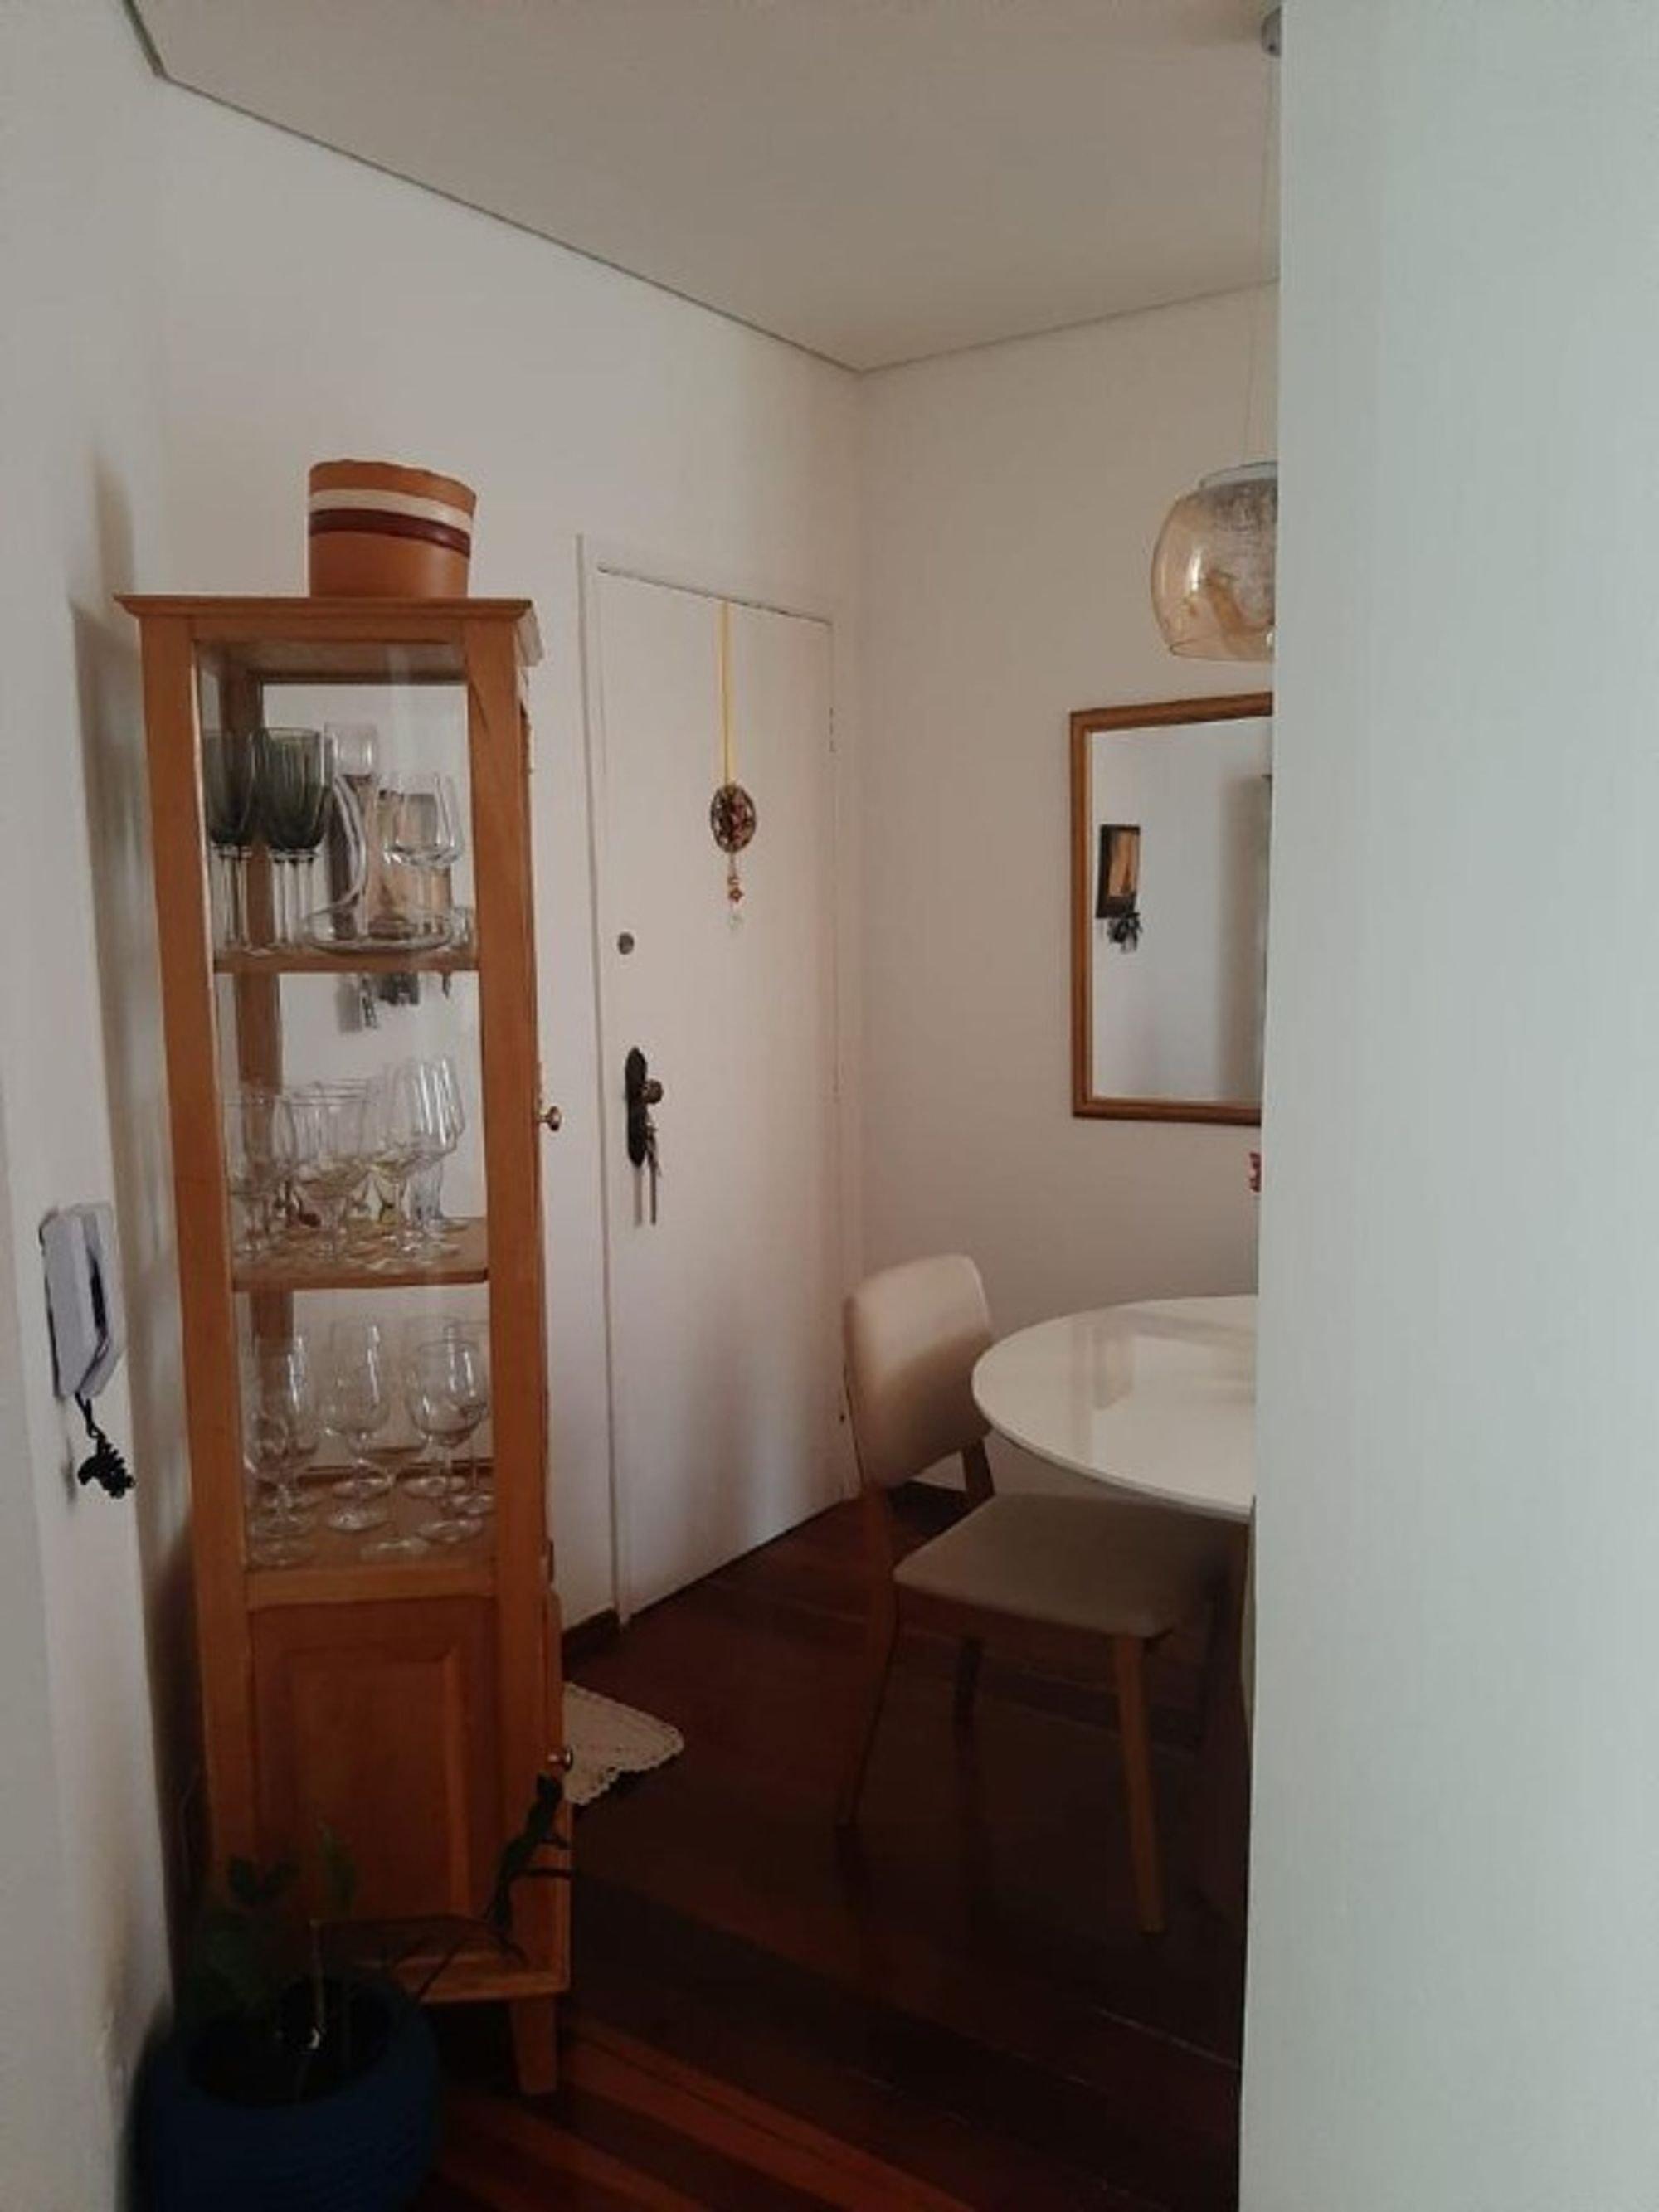 Foto de Sala com copo de vinho, tigela, cadeira, mesa de jantar, xícara